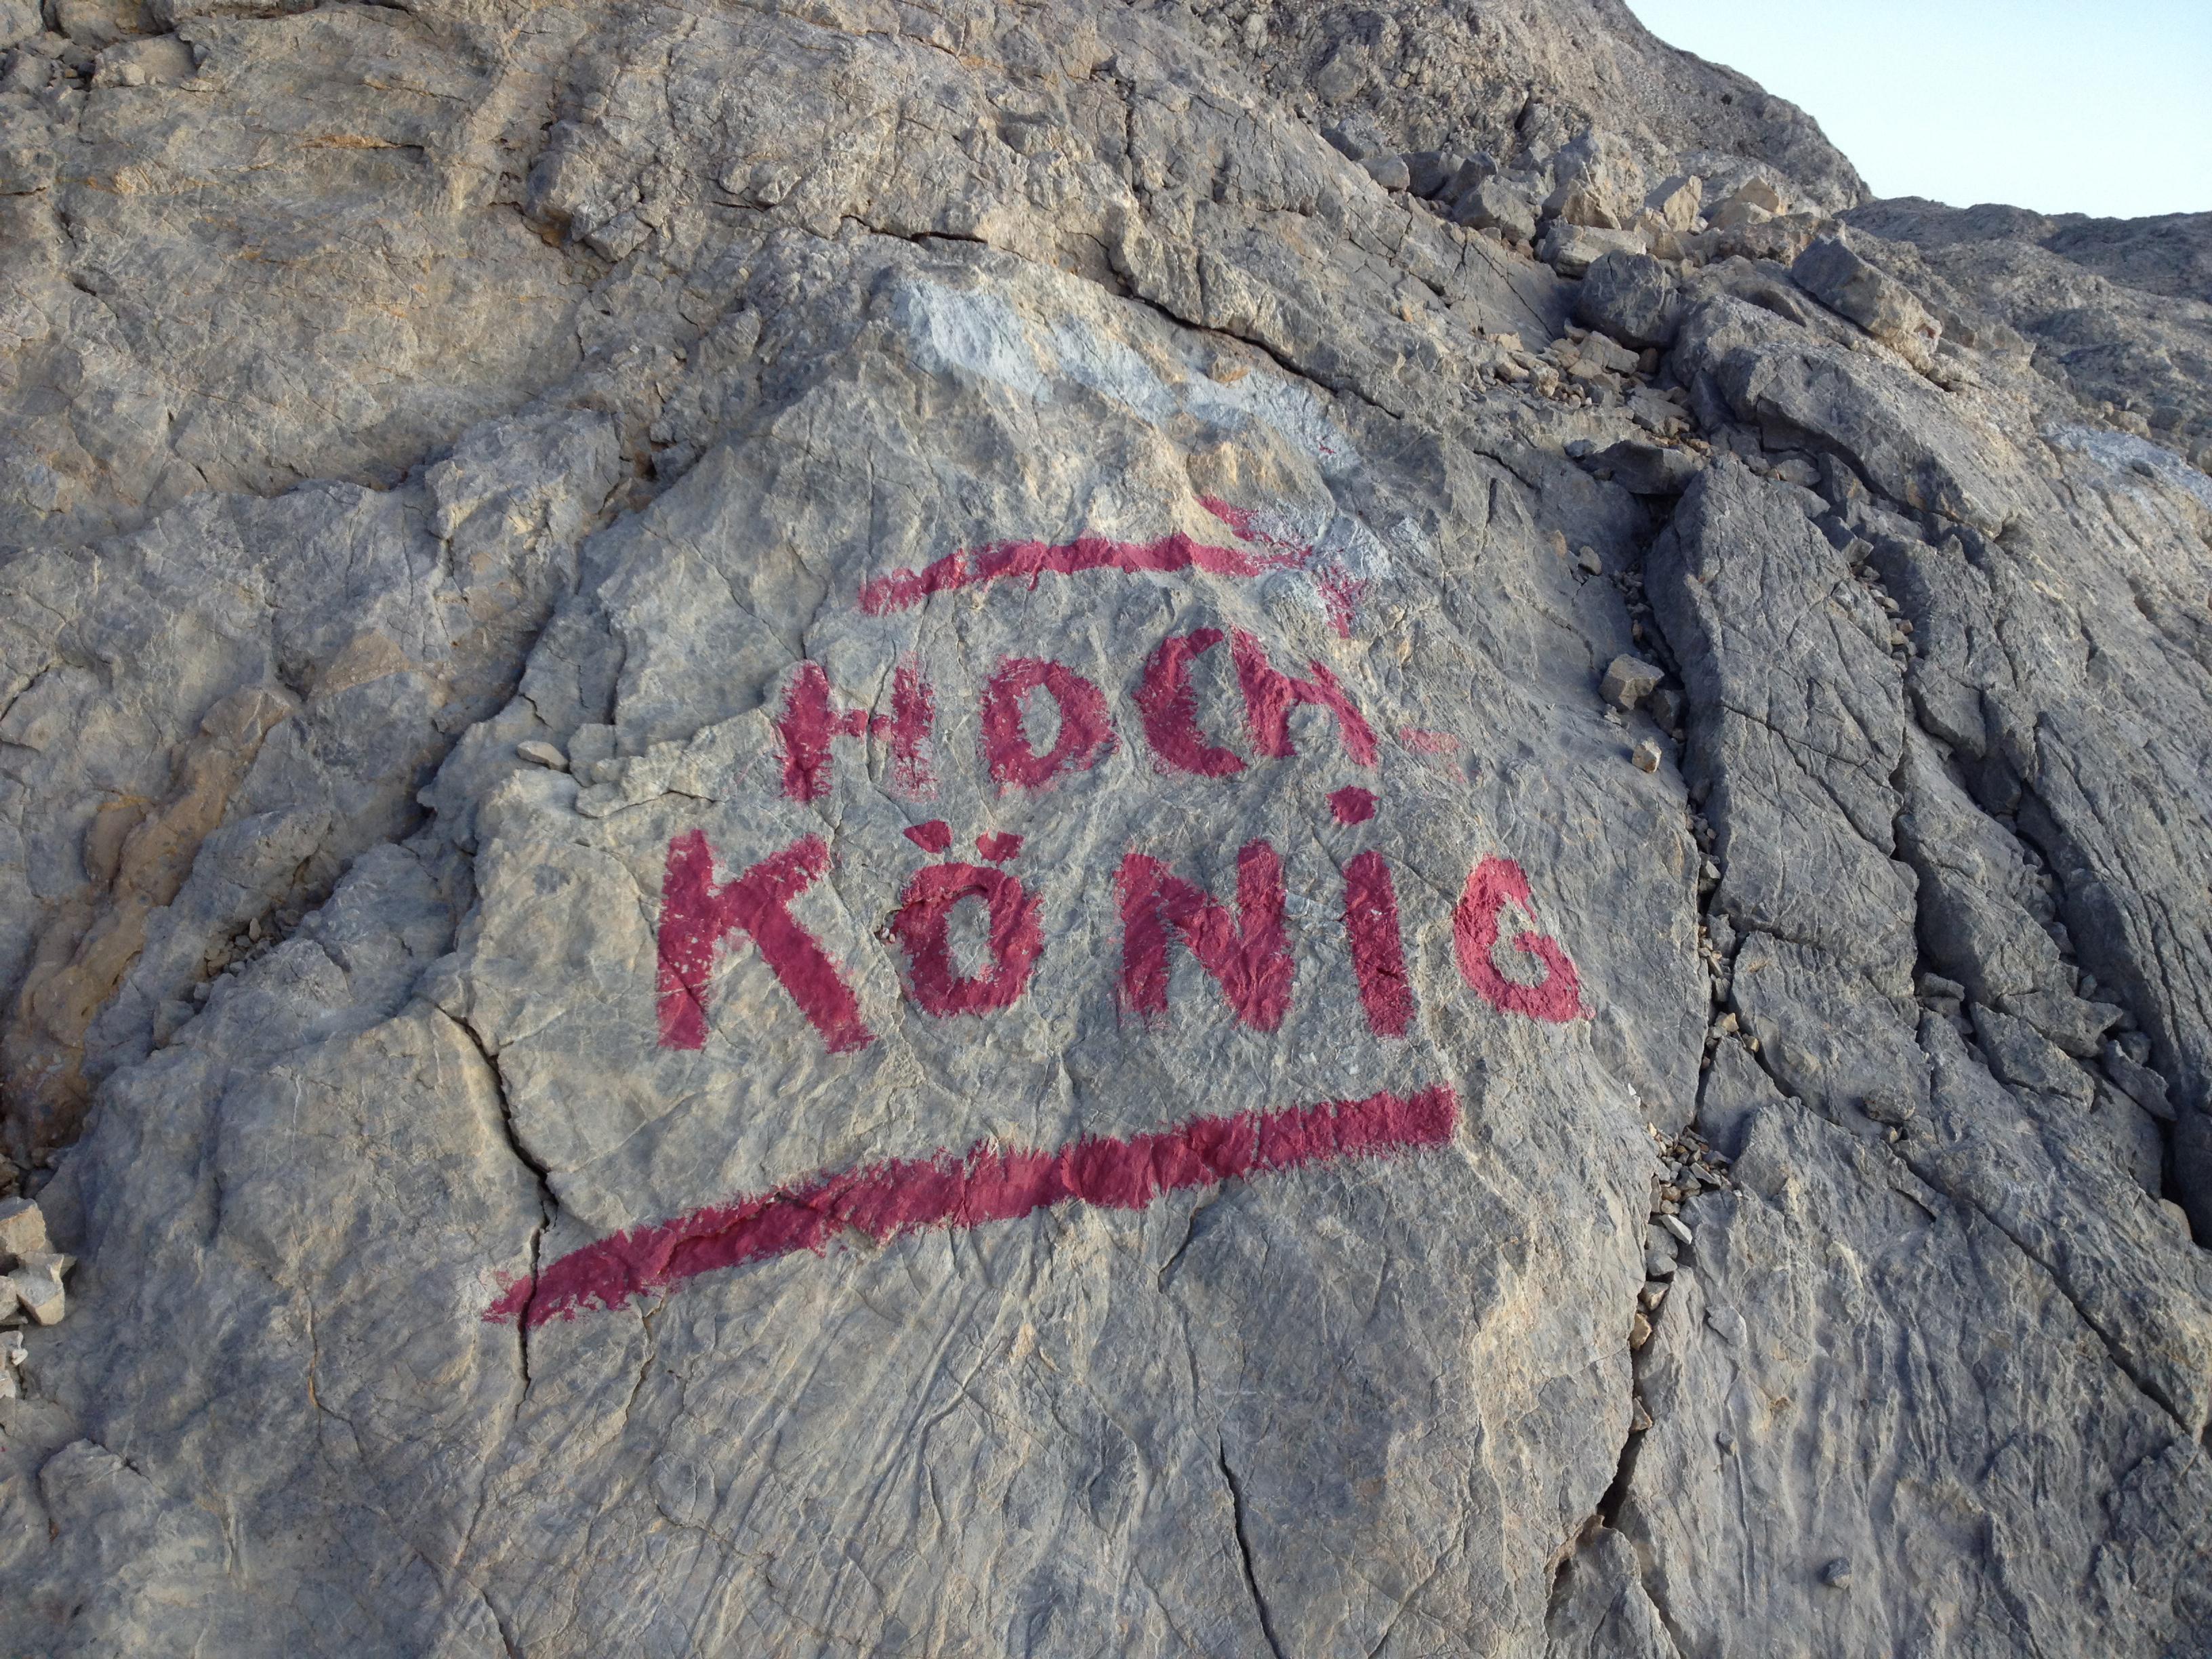 Klettersteig Königsjodler : Klettersteig königsjodler berchtesgadener alpen achu flickr